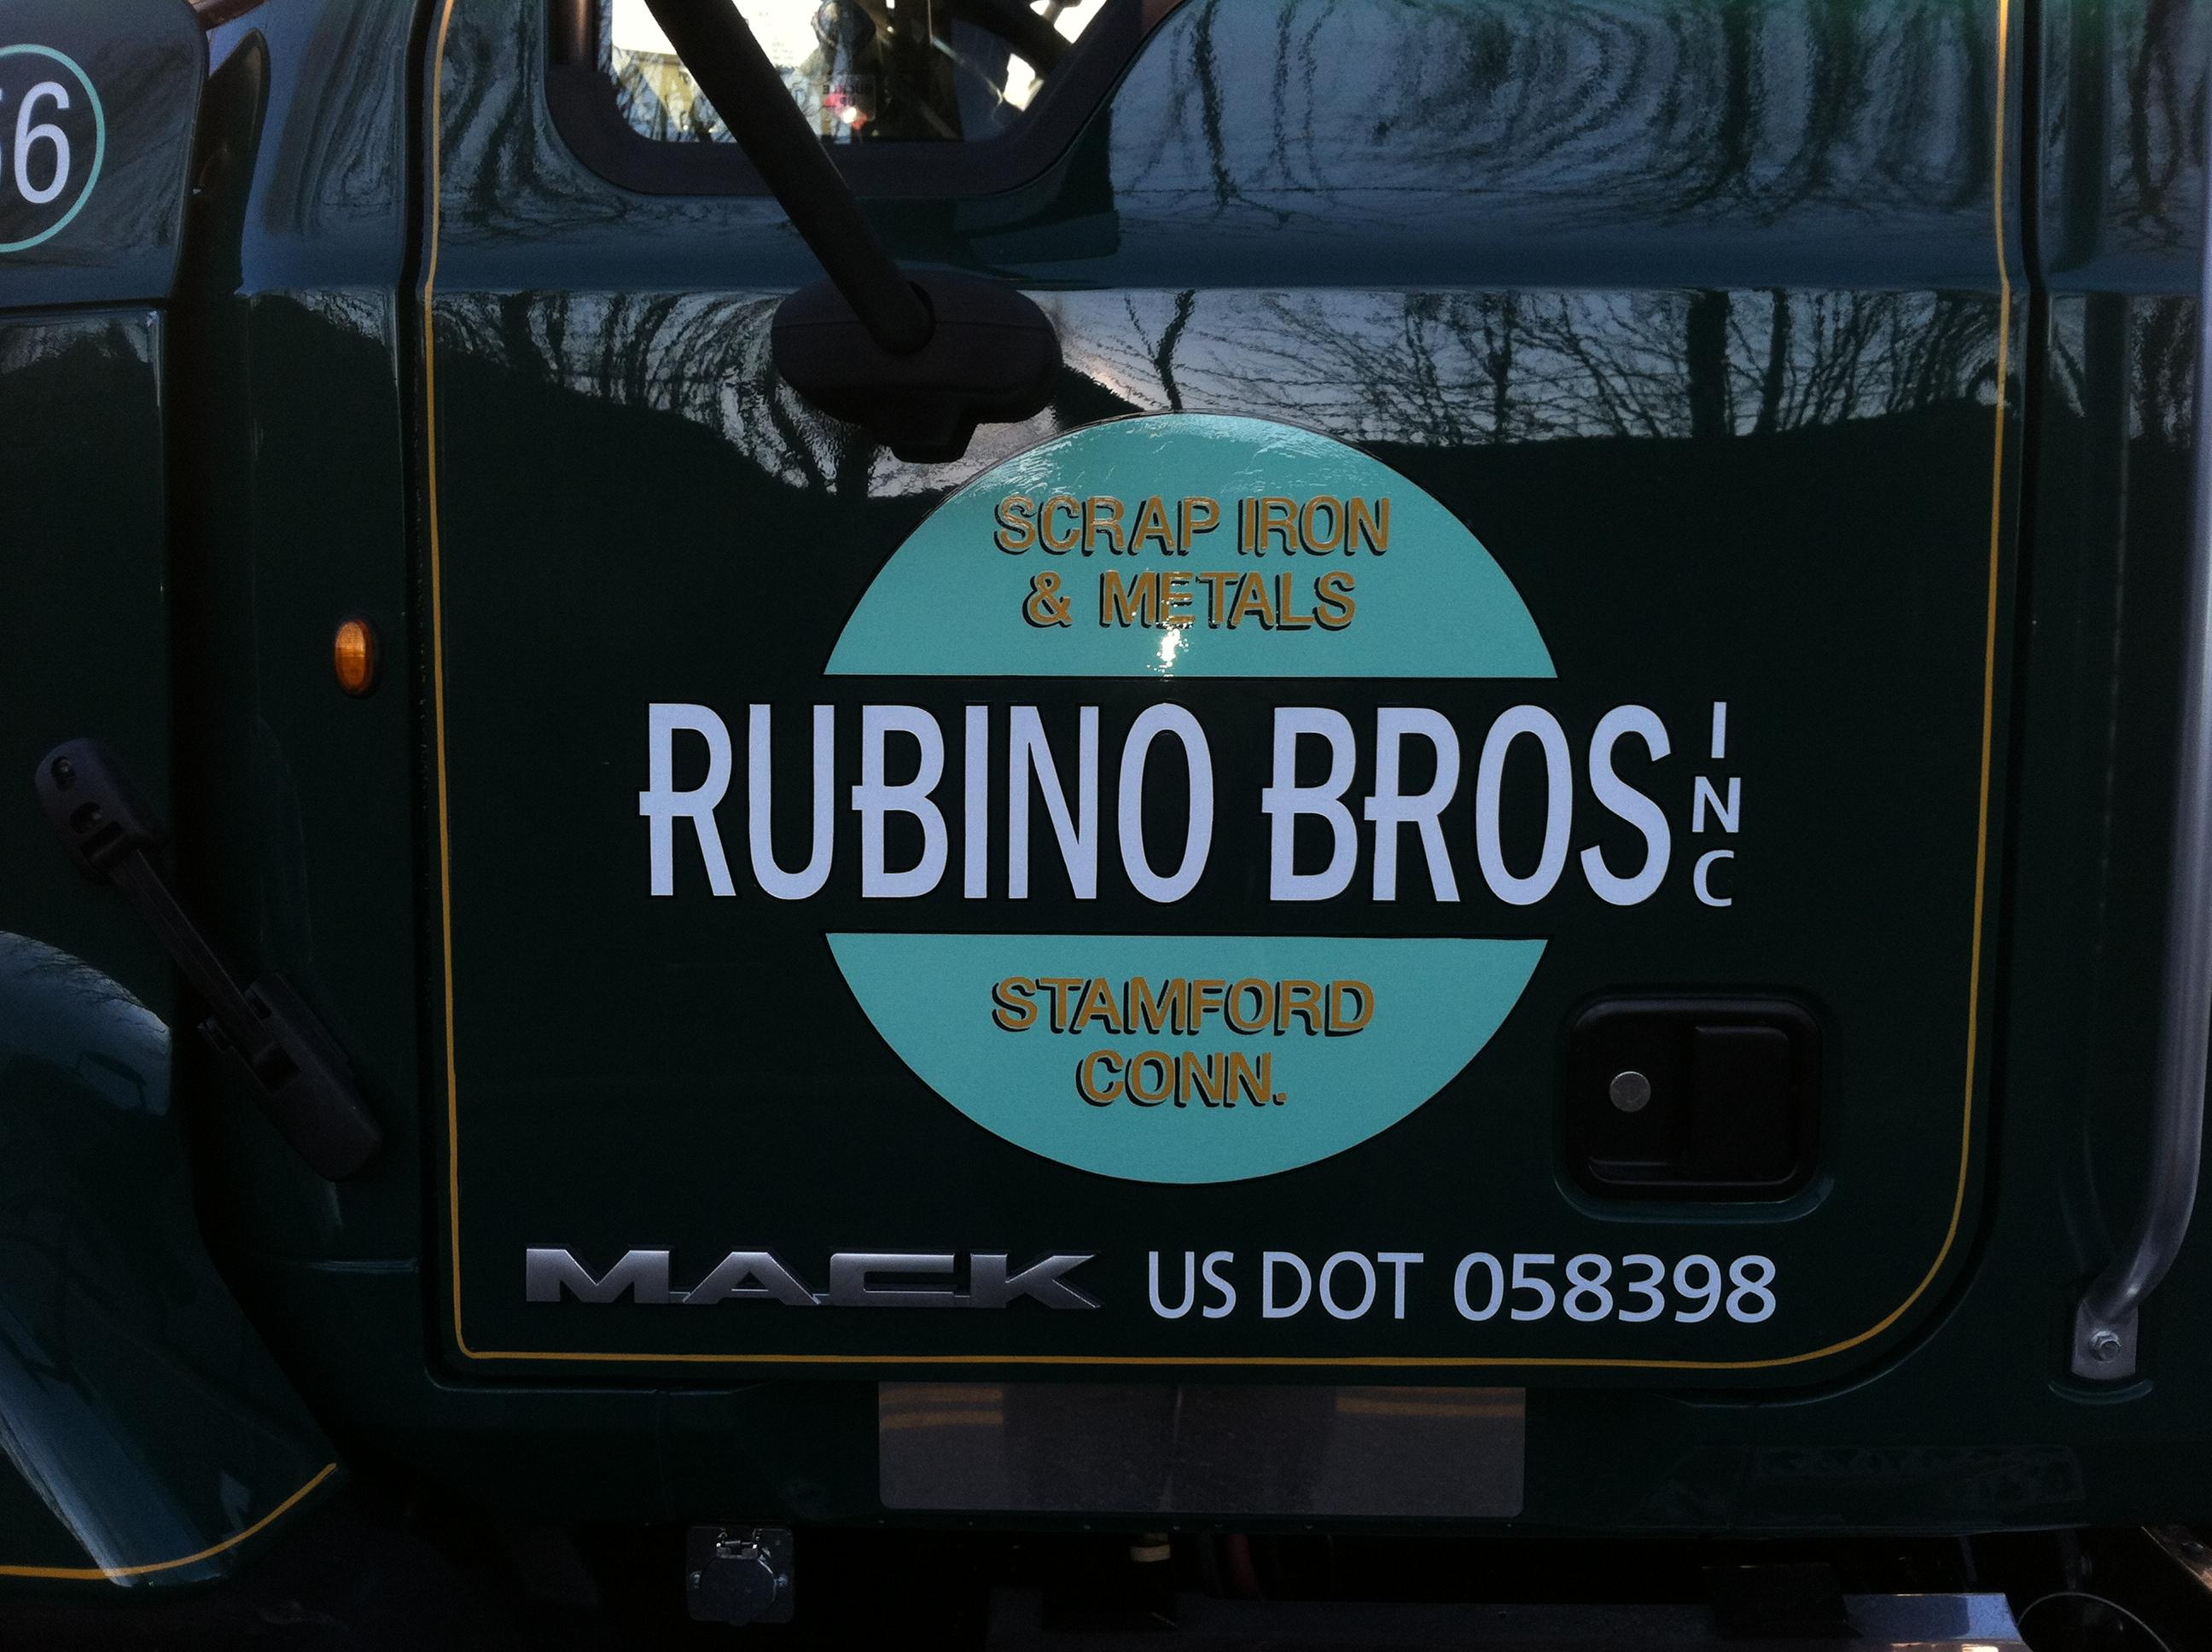 Truck - Rubino Bros